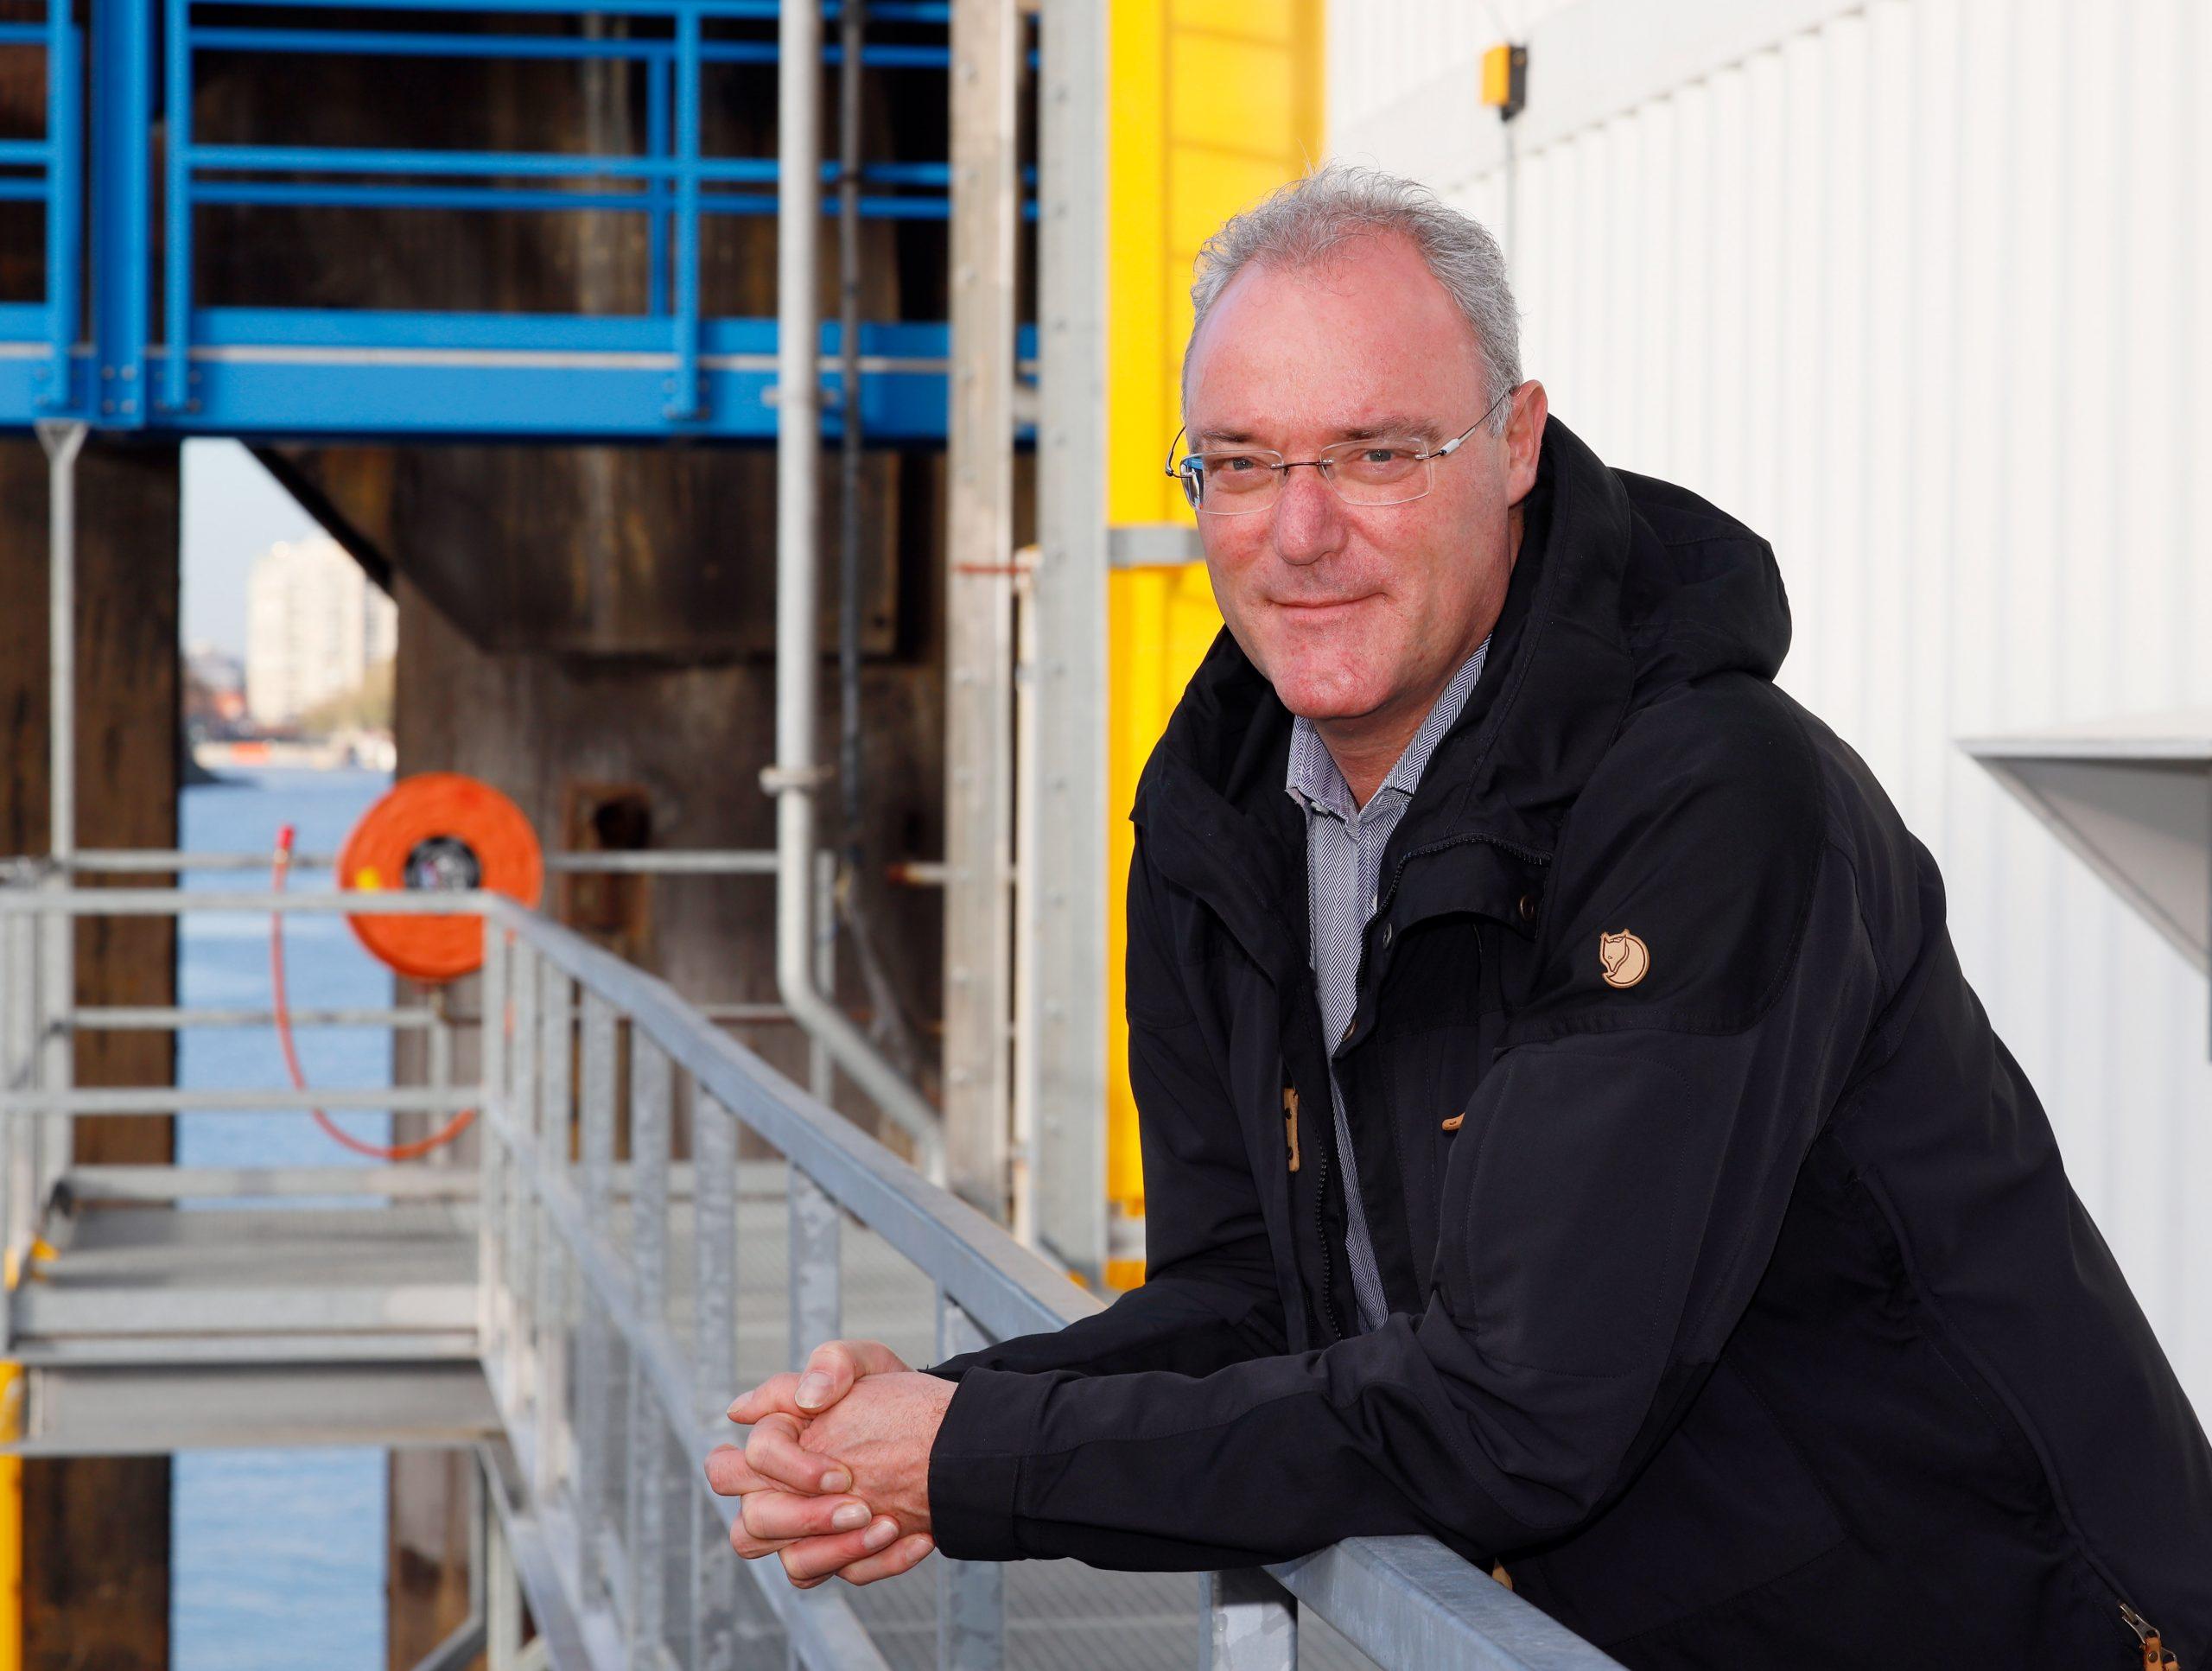 Directeur Riemert Moleman. (Foto STC-KNRM)